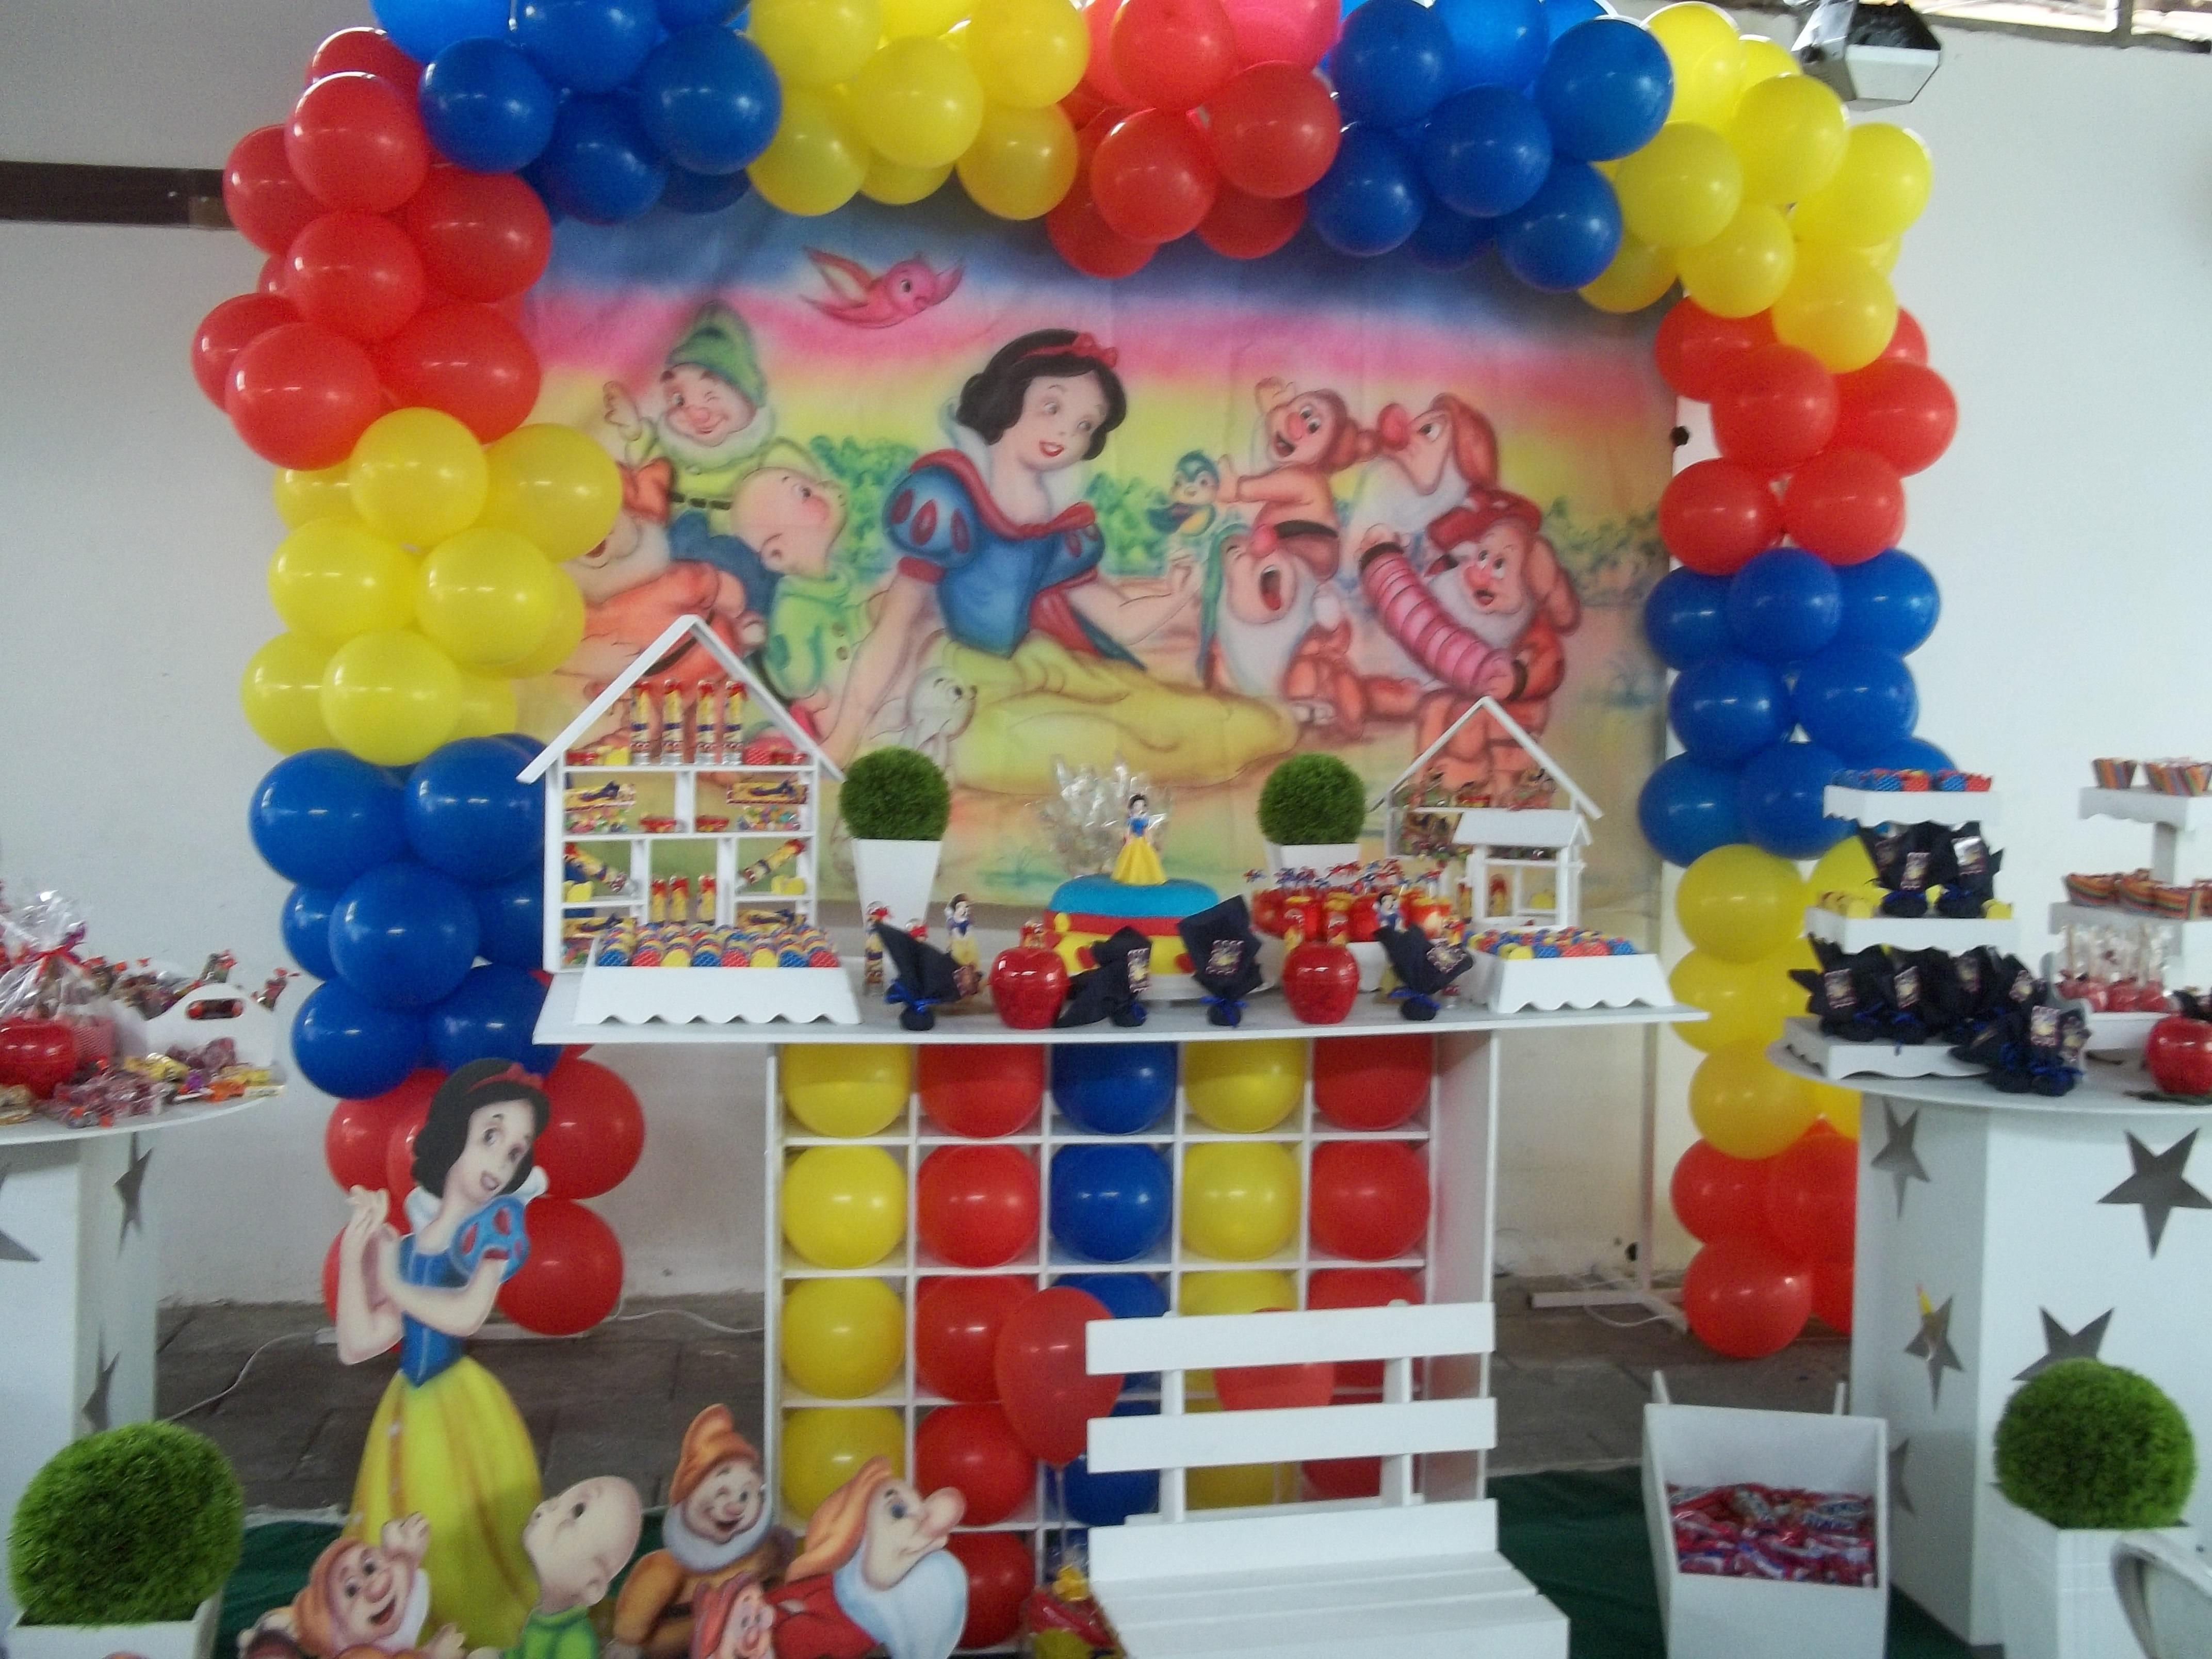 decoracao festa infantil branca de neve provencal:festa-provencal-da-branca-de-neve-festa-provencal-da-branca-de-neve